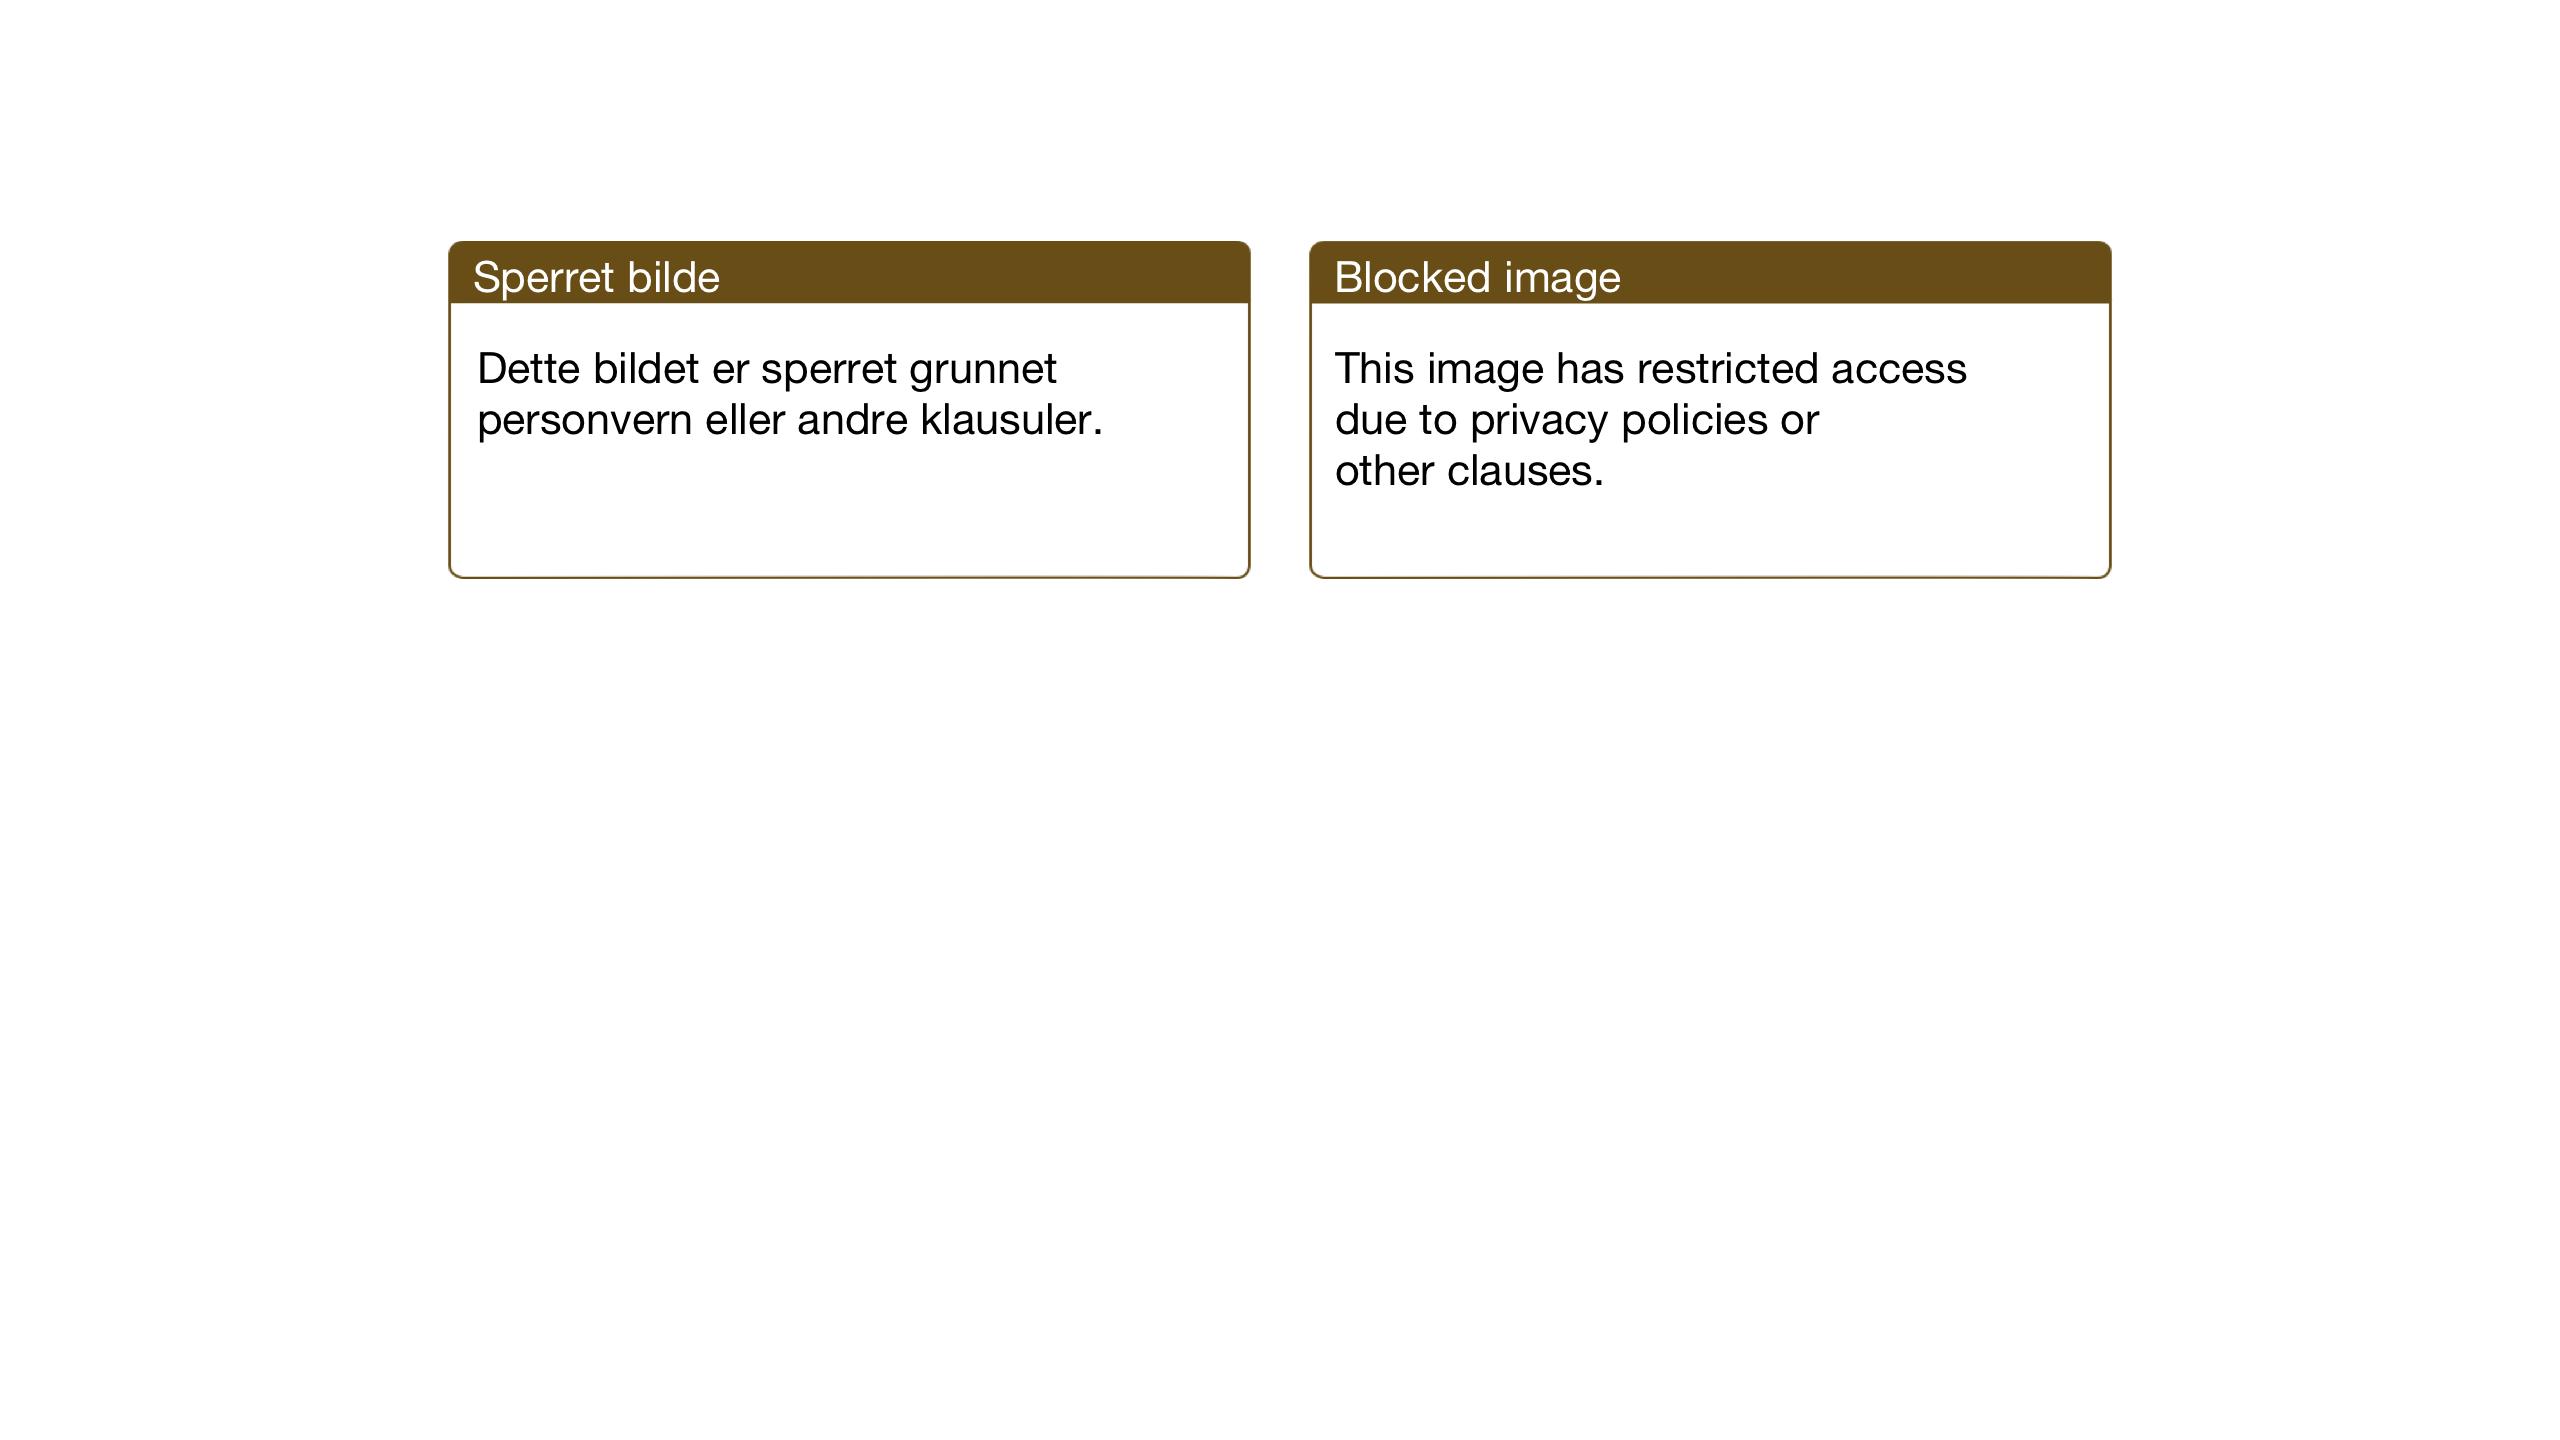 SAT, Ministerialprotokoller, klokkerbøker og fødselsregistre - Sør-Trøndelag, 607/L0328: Klokkerbok nr. 607C02, 1940-1948, s. 175